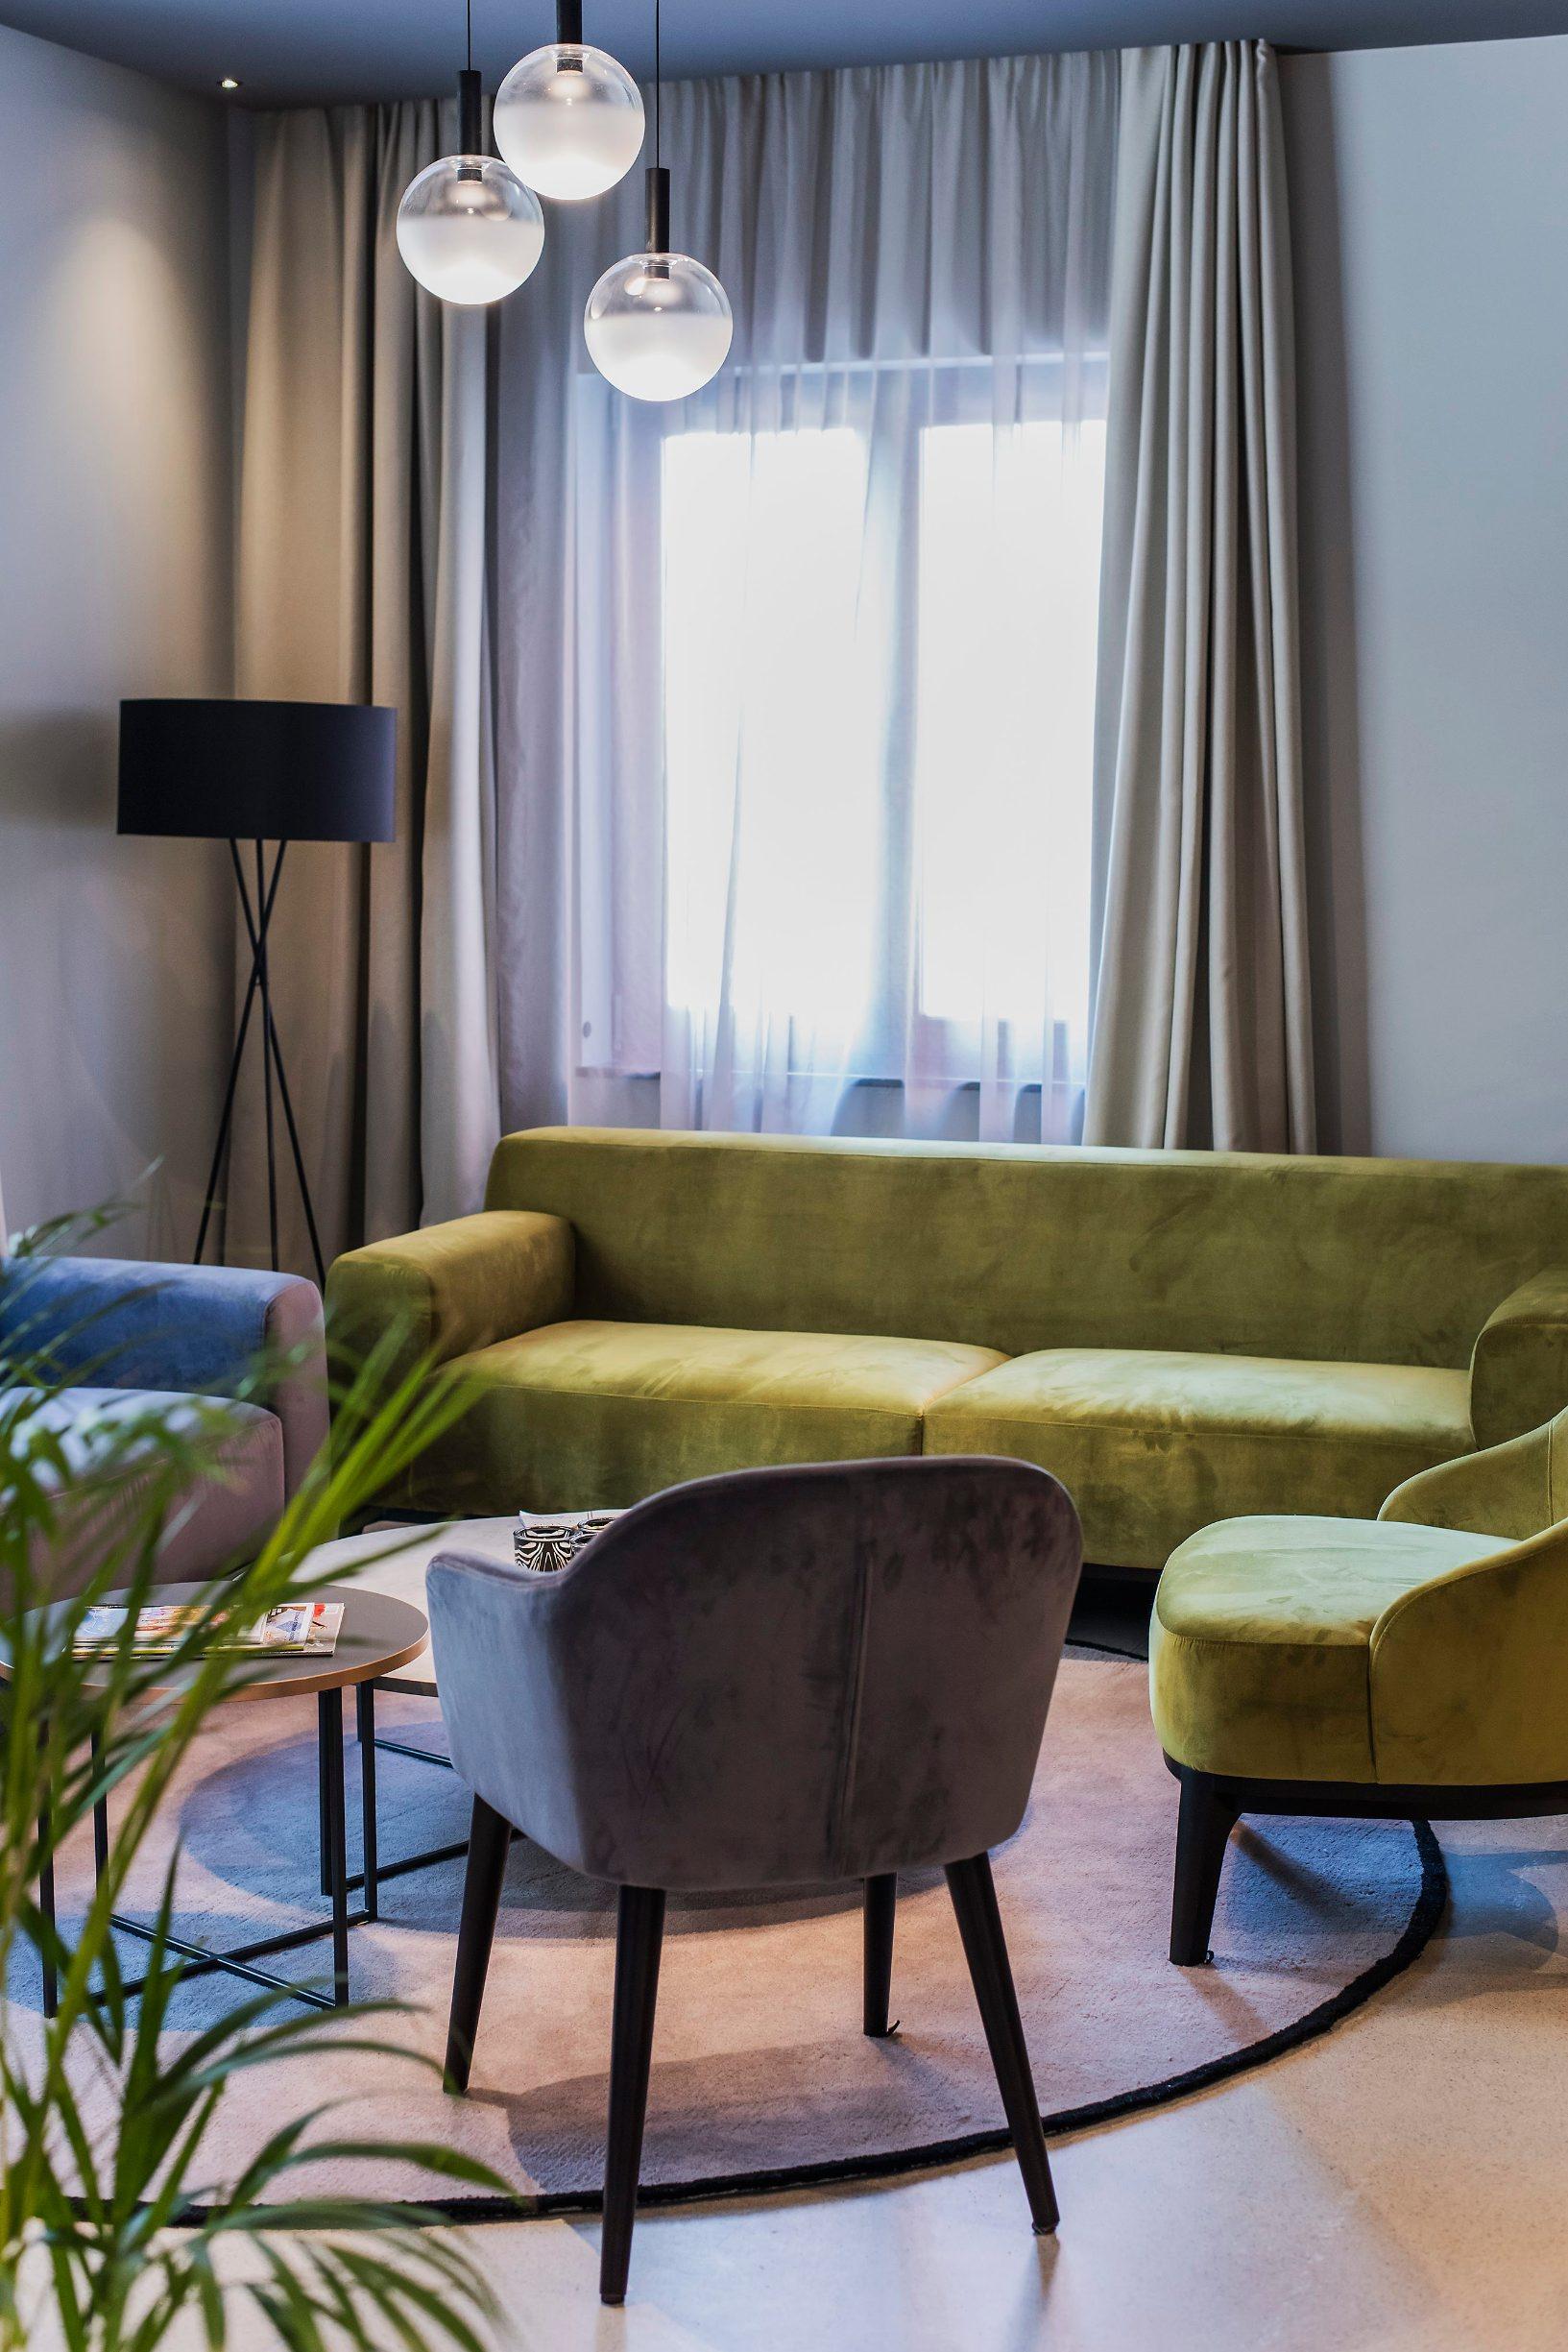 Labin, 2310219. Hotel Terra u staroj jezgri Labina. Foto: Neja Markicevic / CROPIX